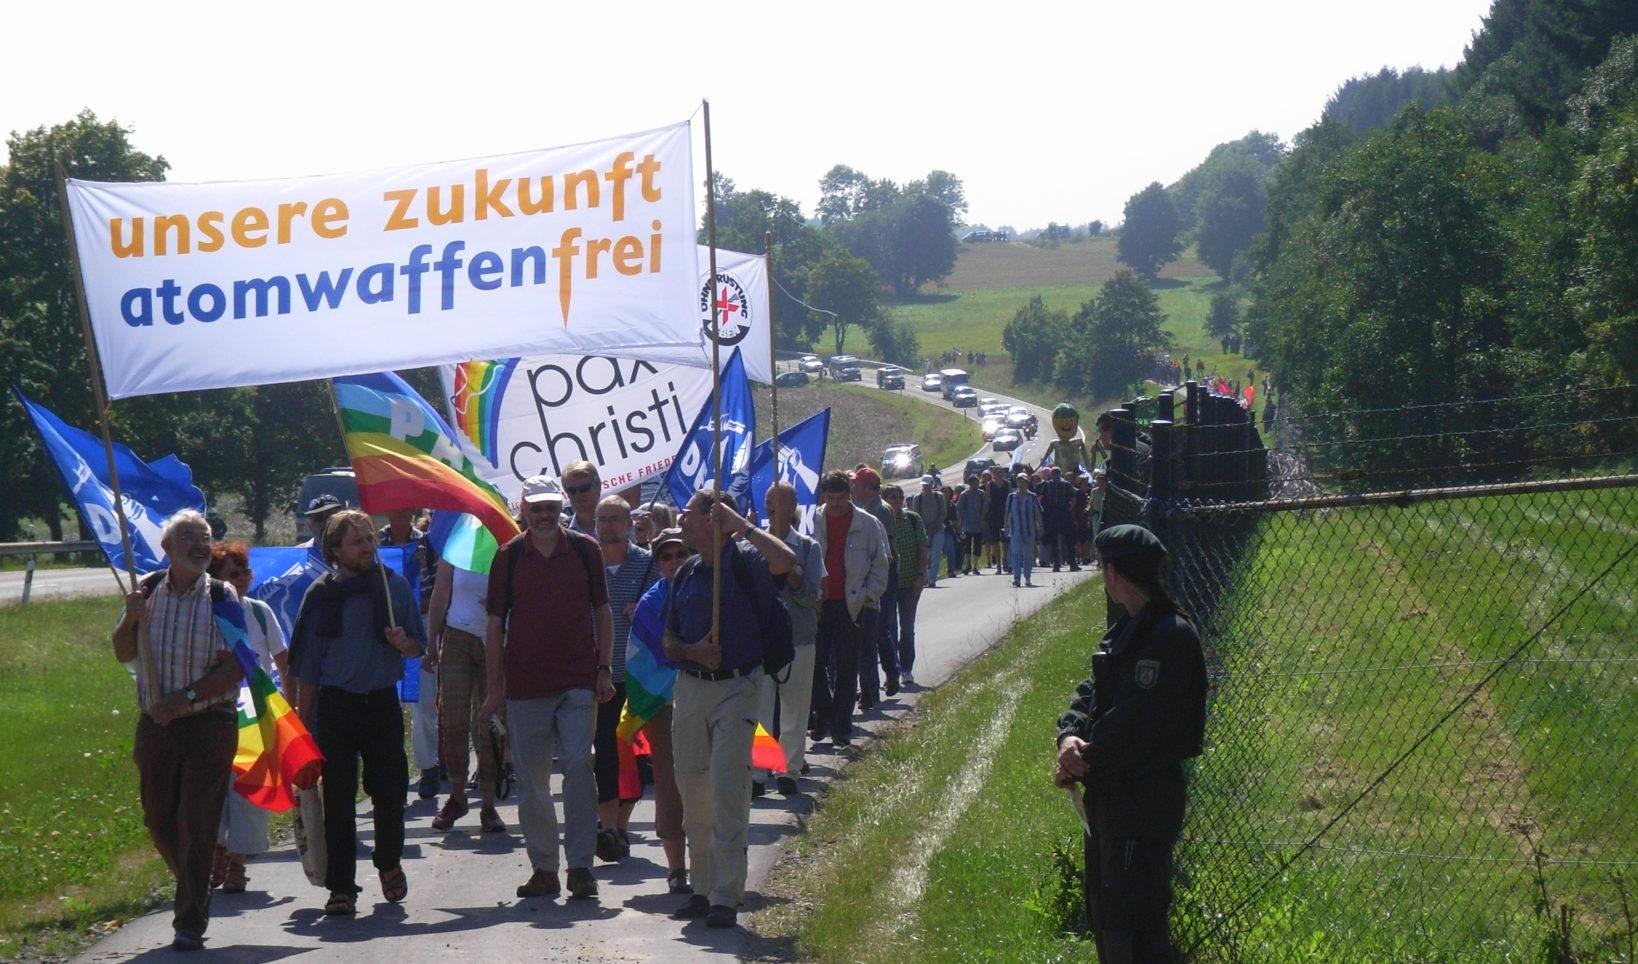 Der Ostermarsch, Aufrüstung, Geopolitik & Vision der Friedensbewegung | Mit Reiner Braun